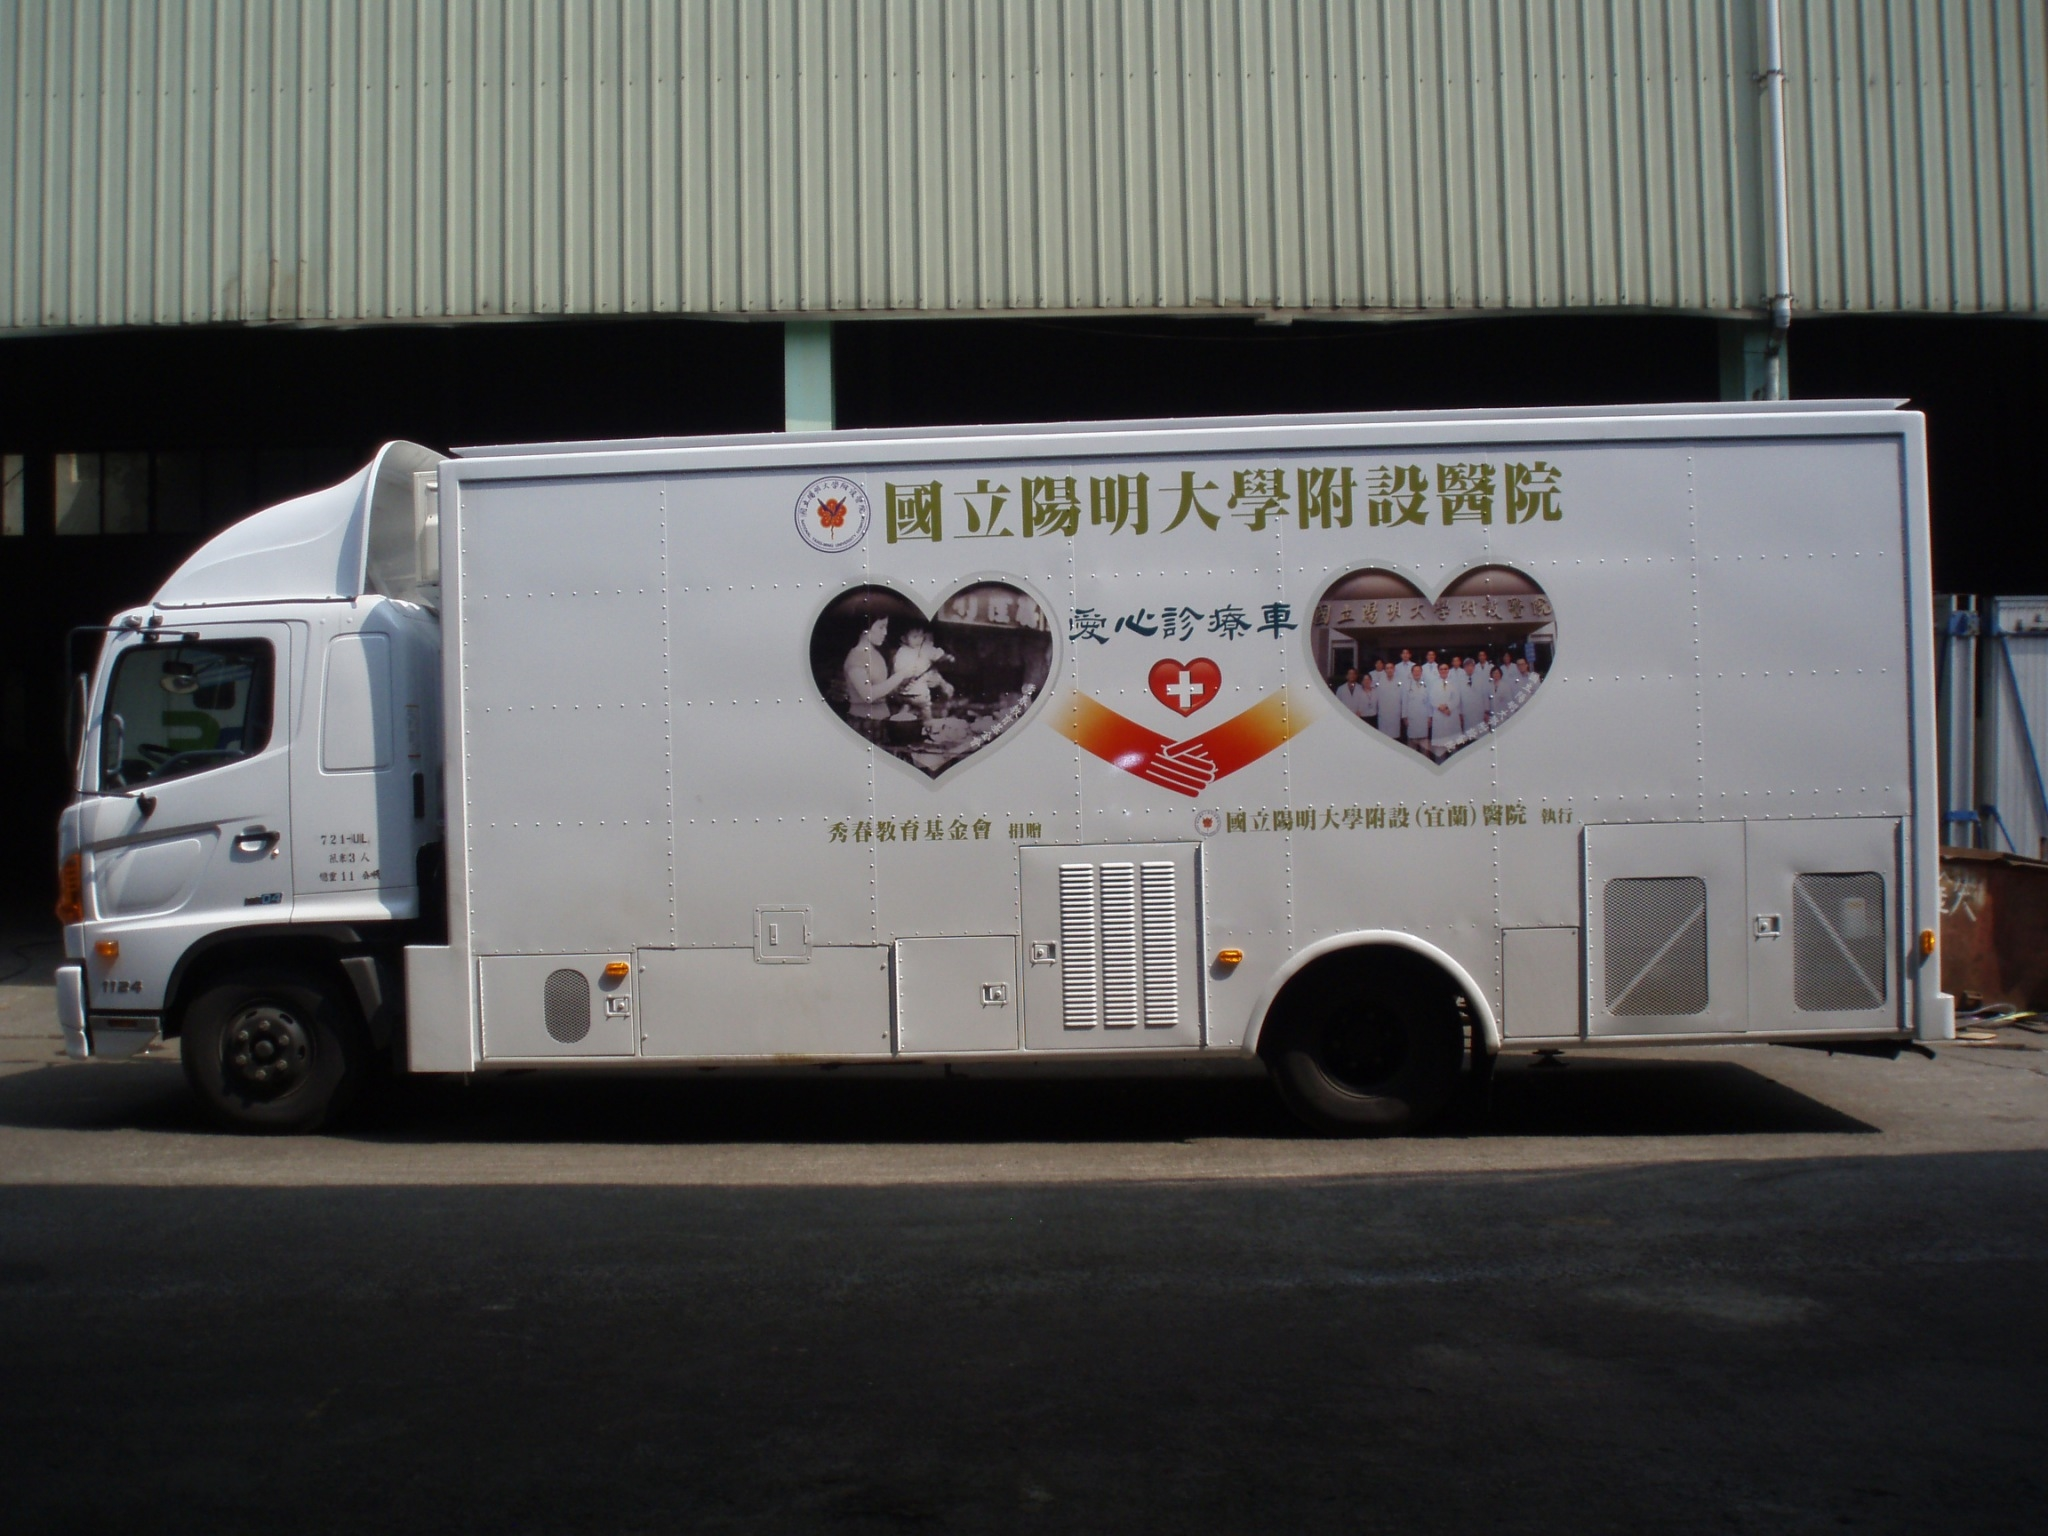 行動醫療館_180615_0018.jpg